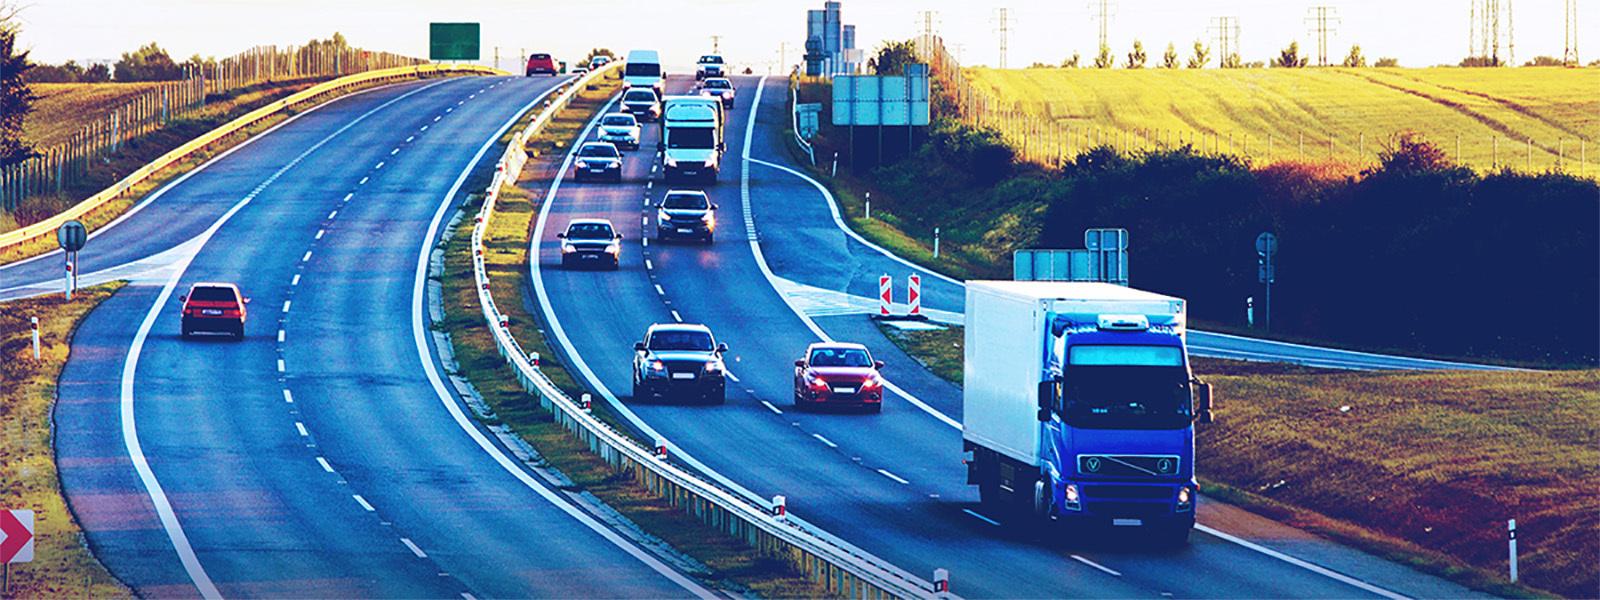 carros e caminhões trafegando por uma rodovia